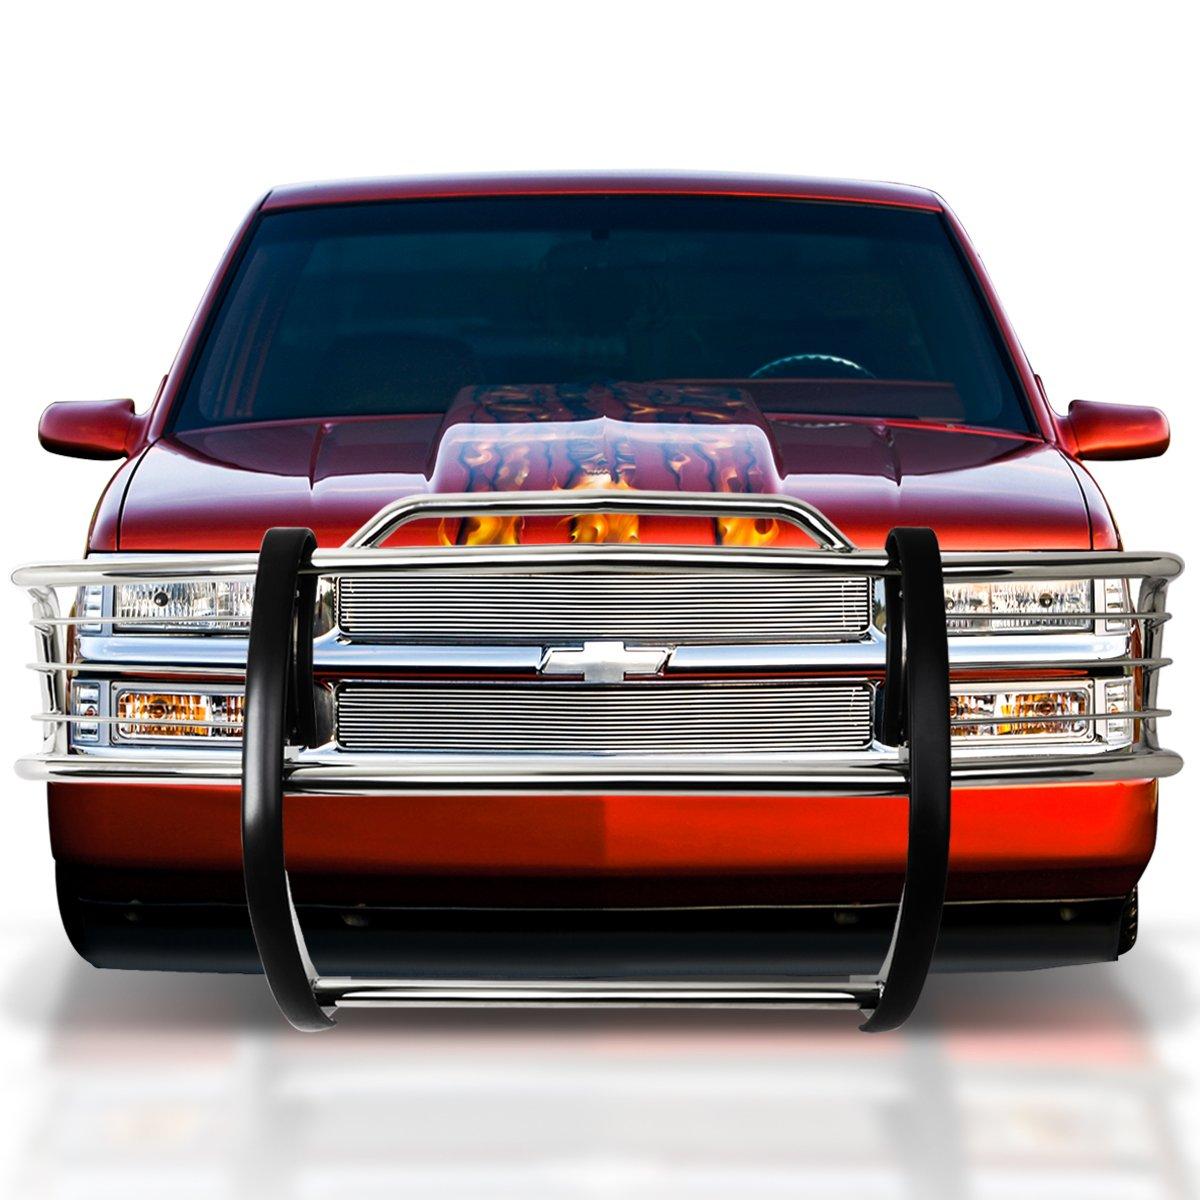 Bumper Automotive Garage Pro Front Bumper Trim for GMC CK